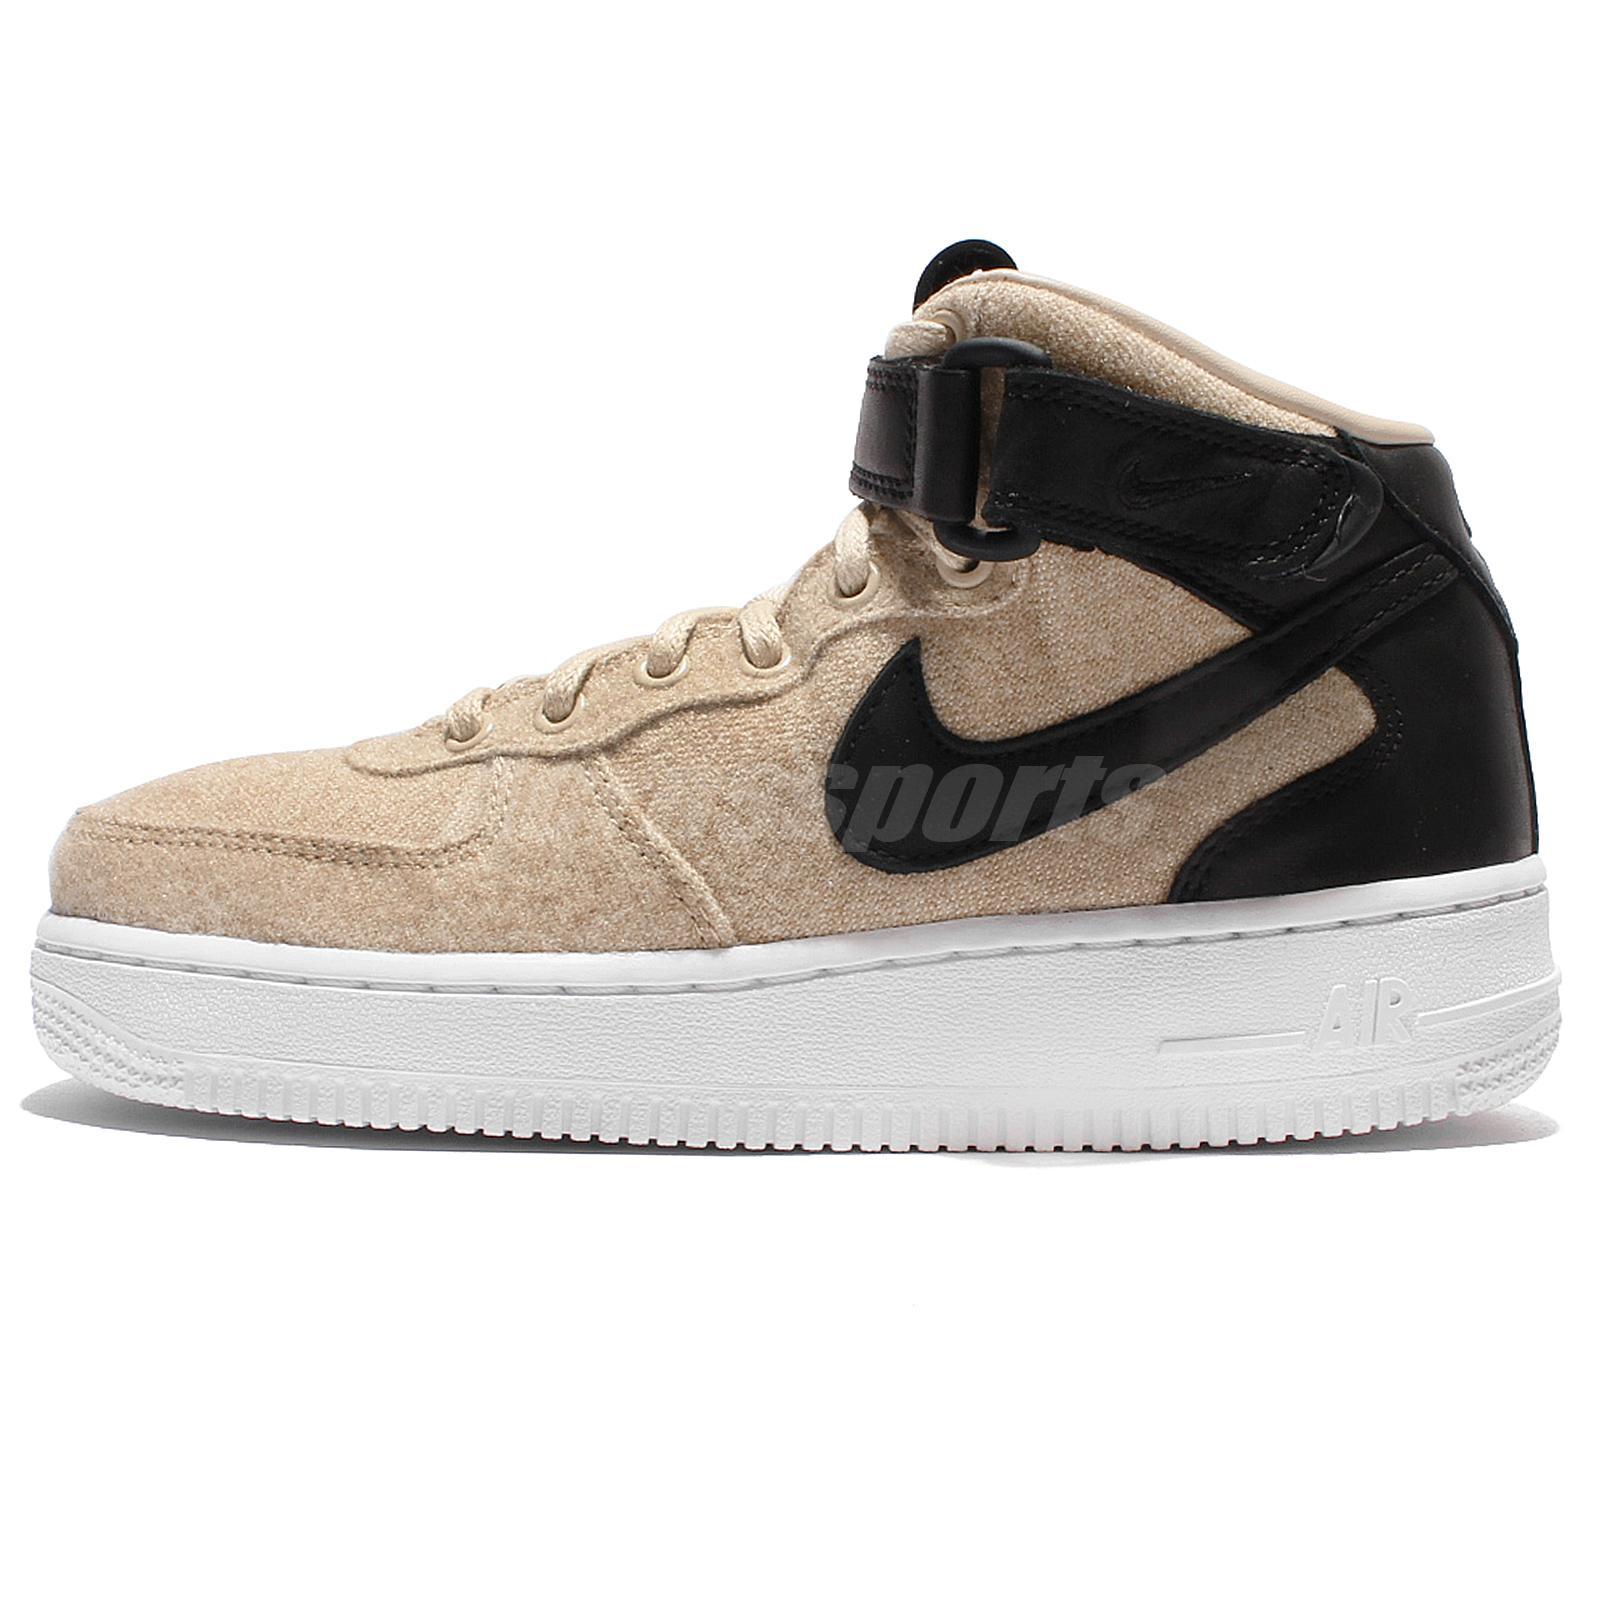 Details about Wmns Nike Air Force 1 07 Mid LTHR PRM Leather Grey Black Women Shoes 857666 001